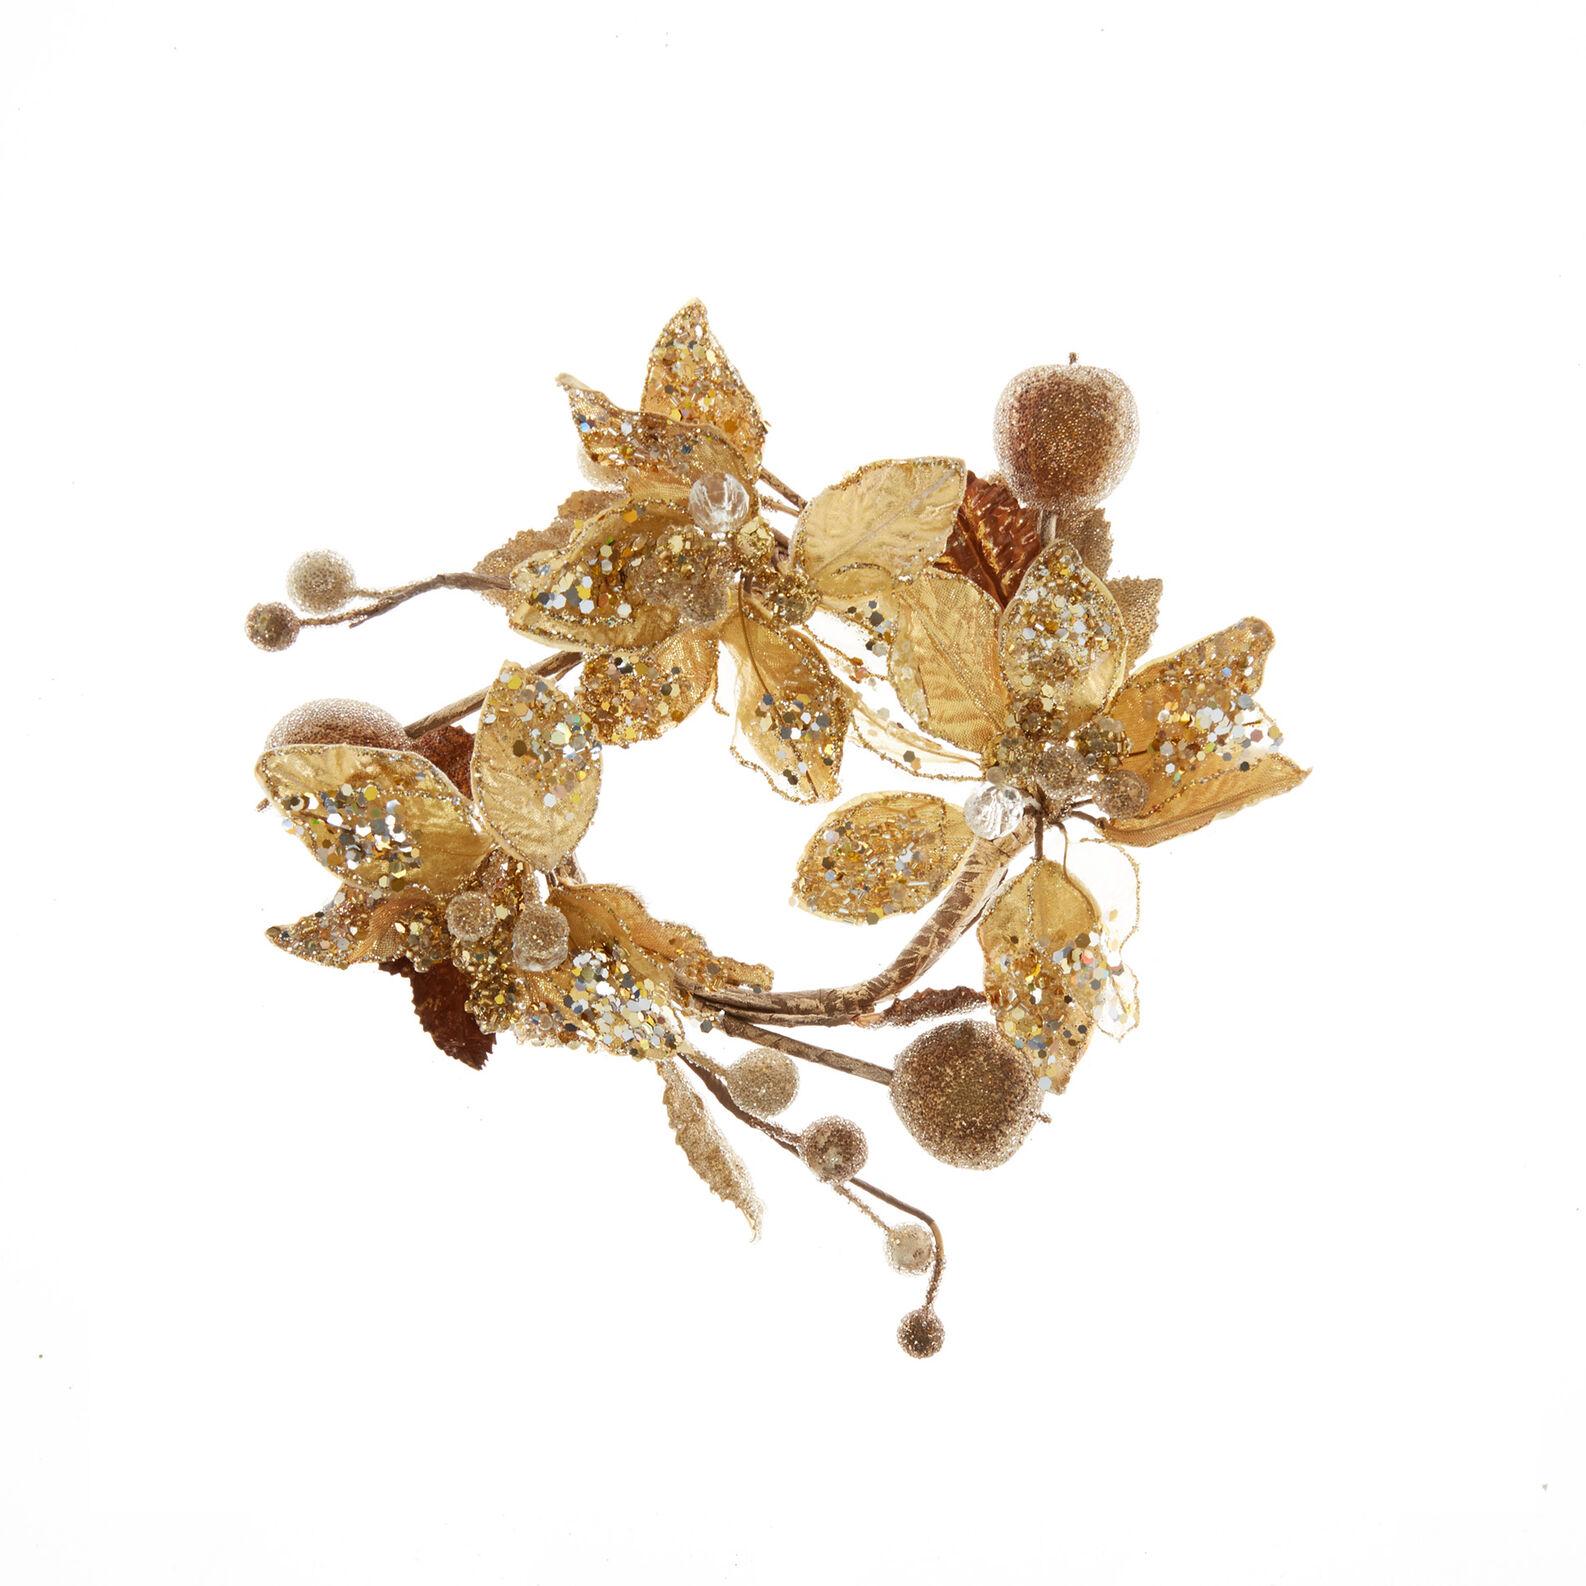 Corona fiori di magnolia decorata a mano